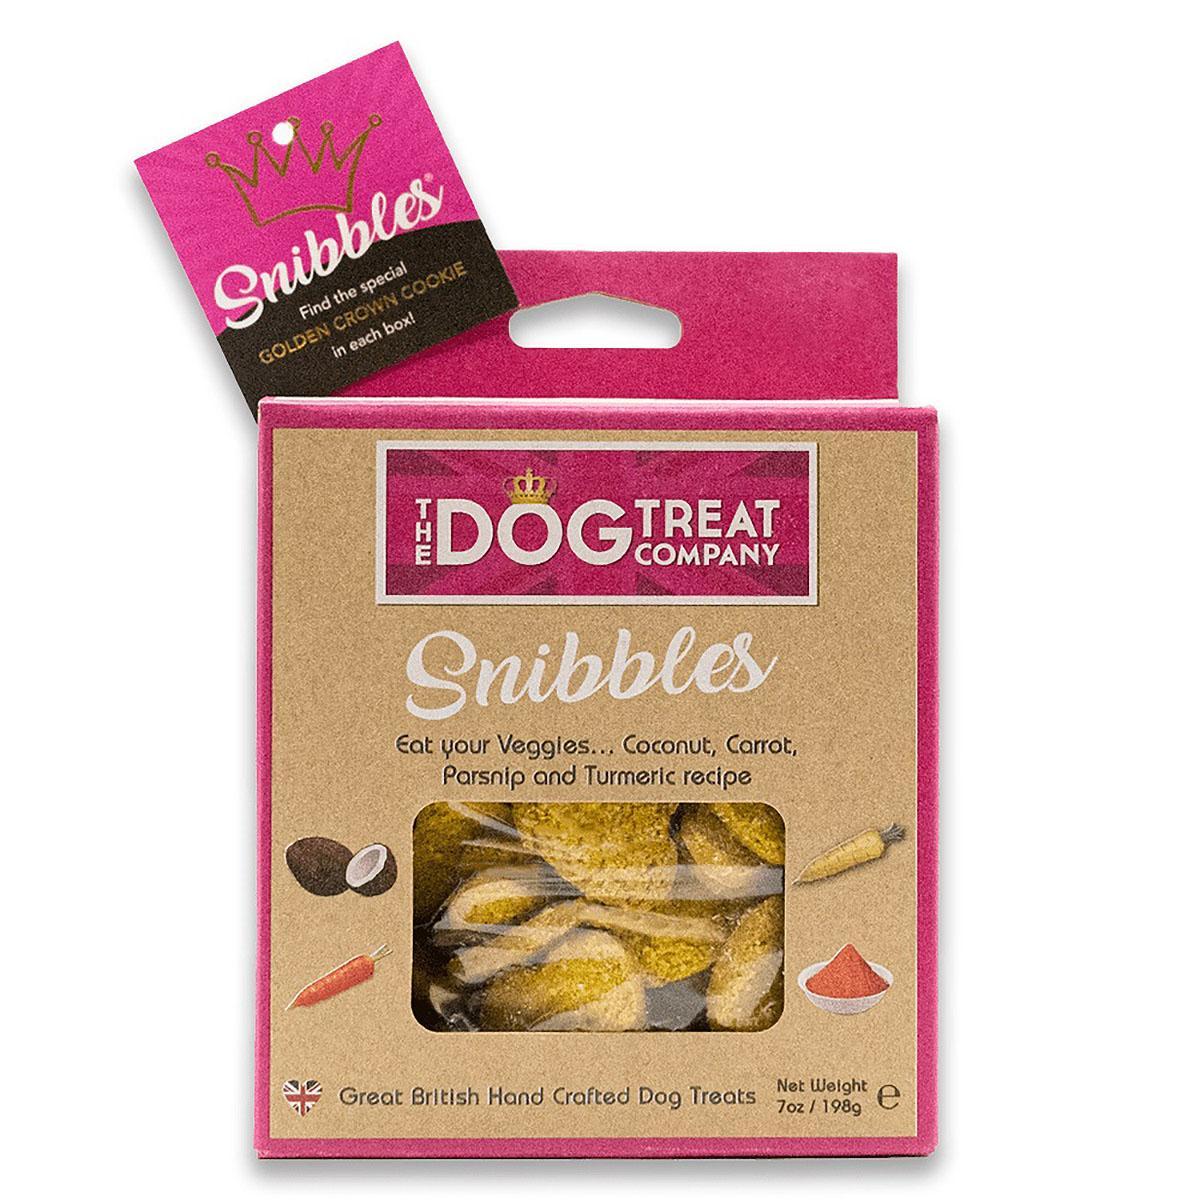 The Dog Treat Company Snibbles Dog Treats - Coconut, Carrot, Parsnip & Turmeric Recipe